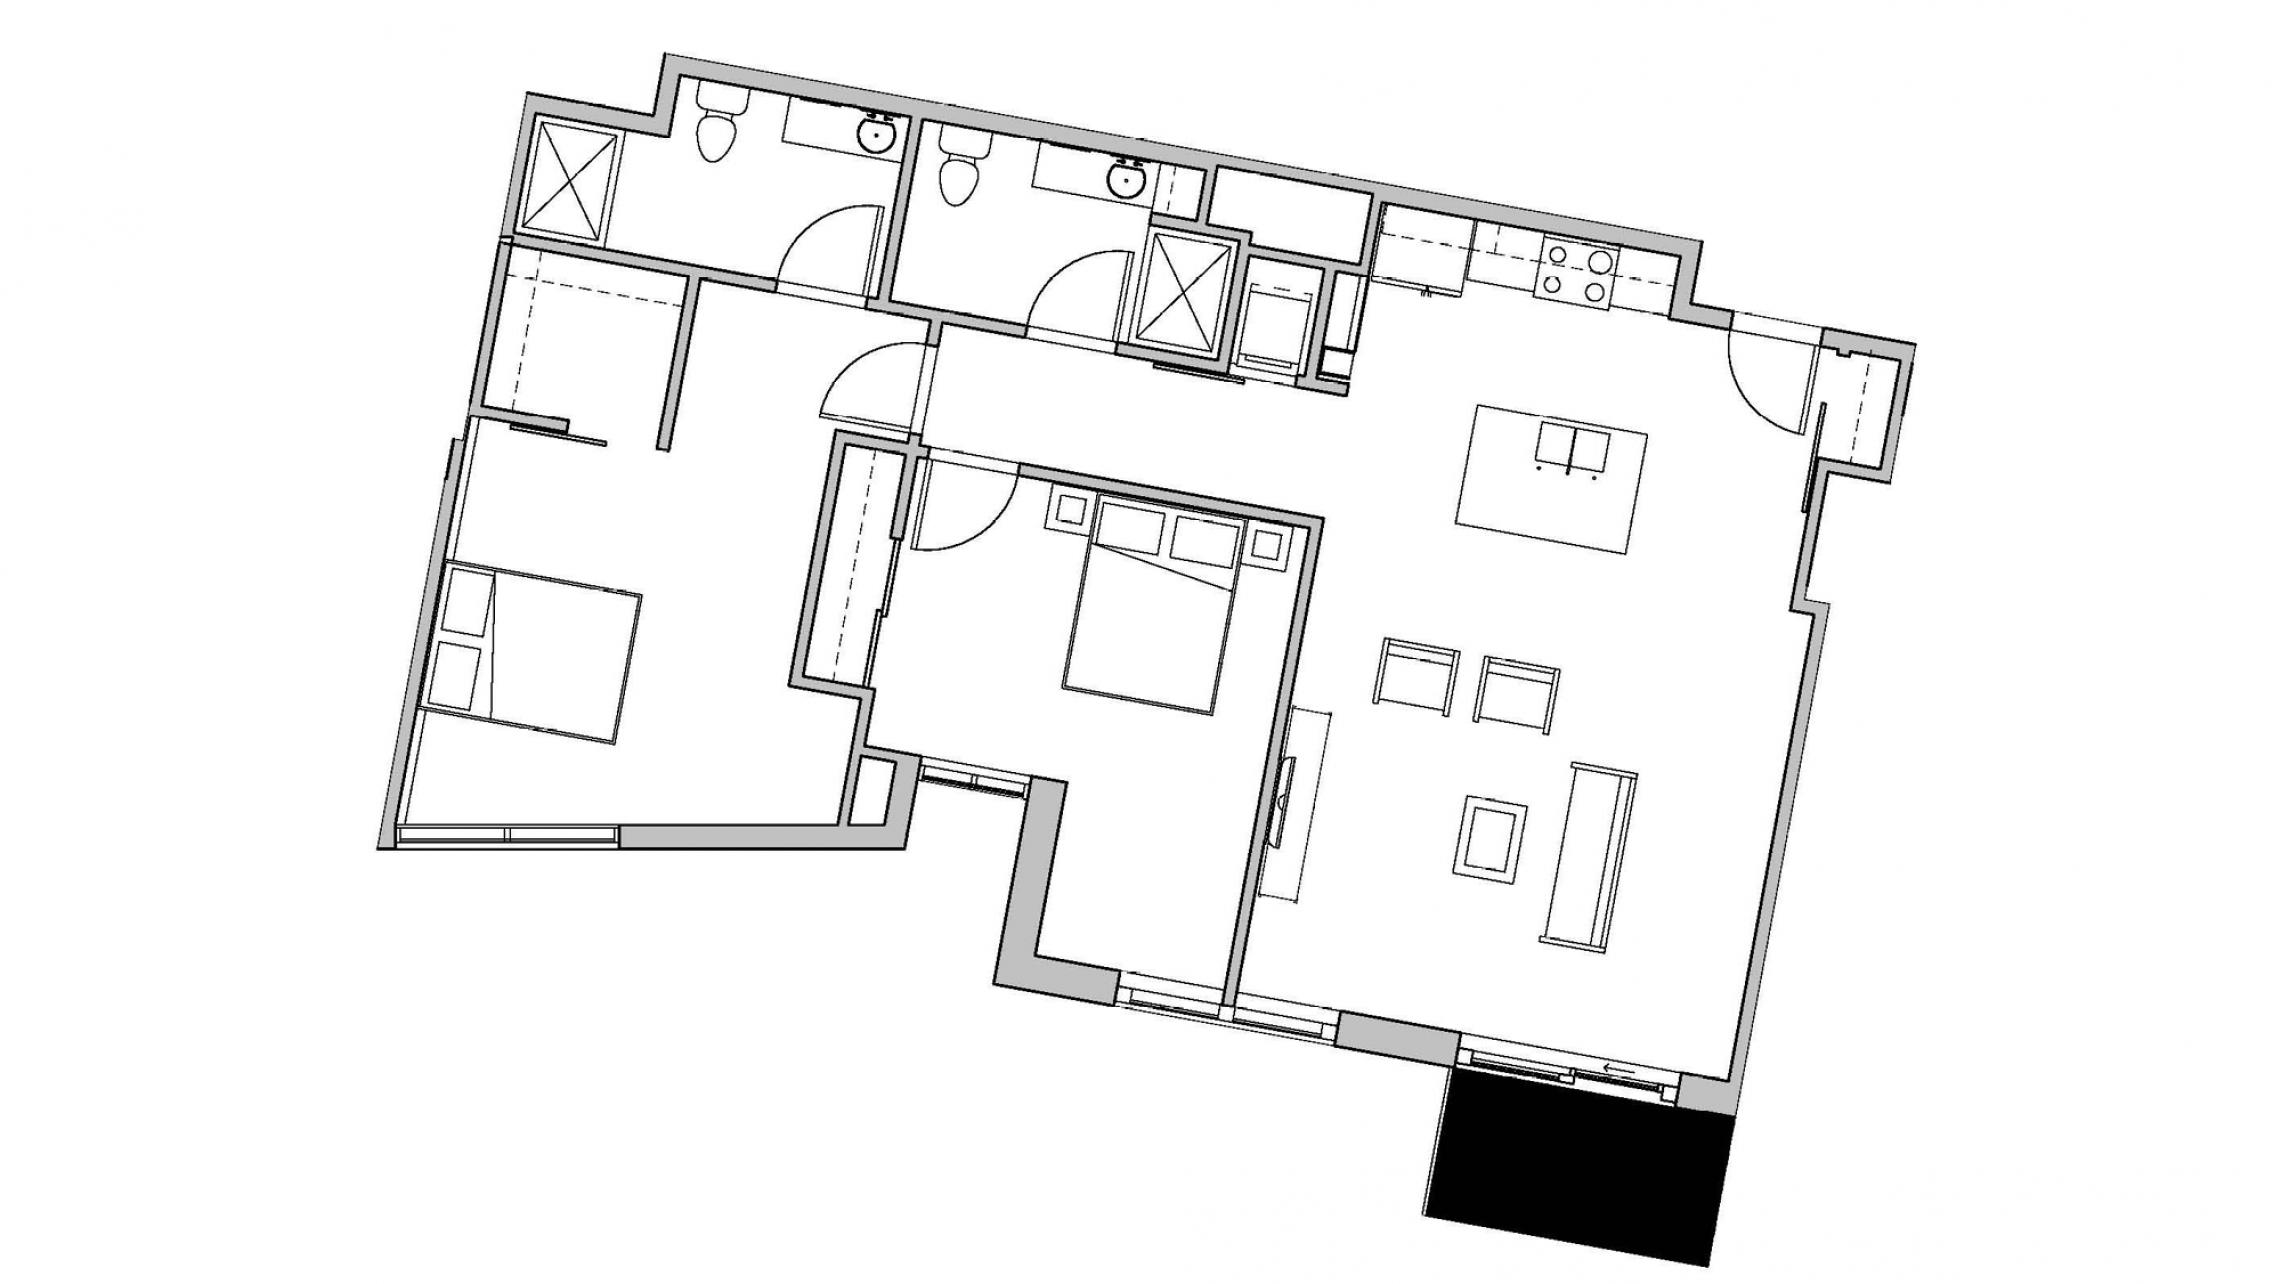 ULI Seven27 436 - Two Bedroom, Two Bathroom